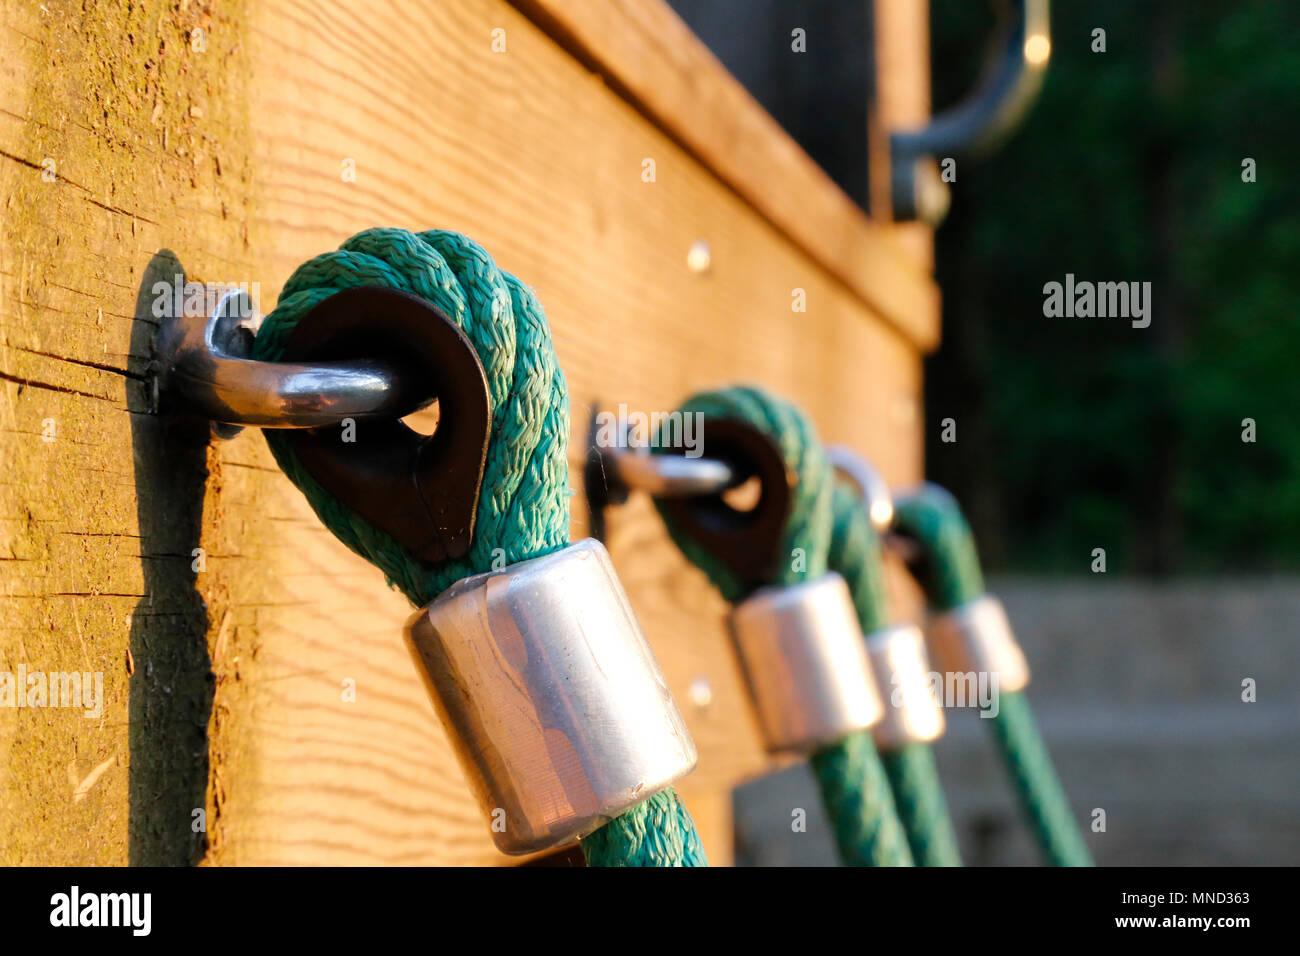 Klettergerüst Aus Seilen : Nahaufnahme von seil am klettergerüst stockfoto bild: 185299355 alamy